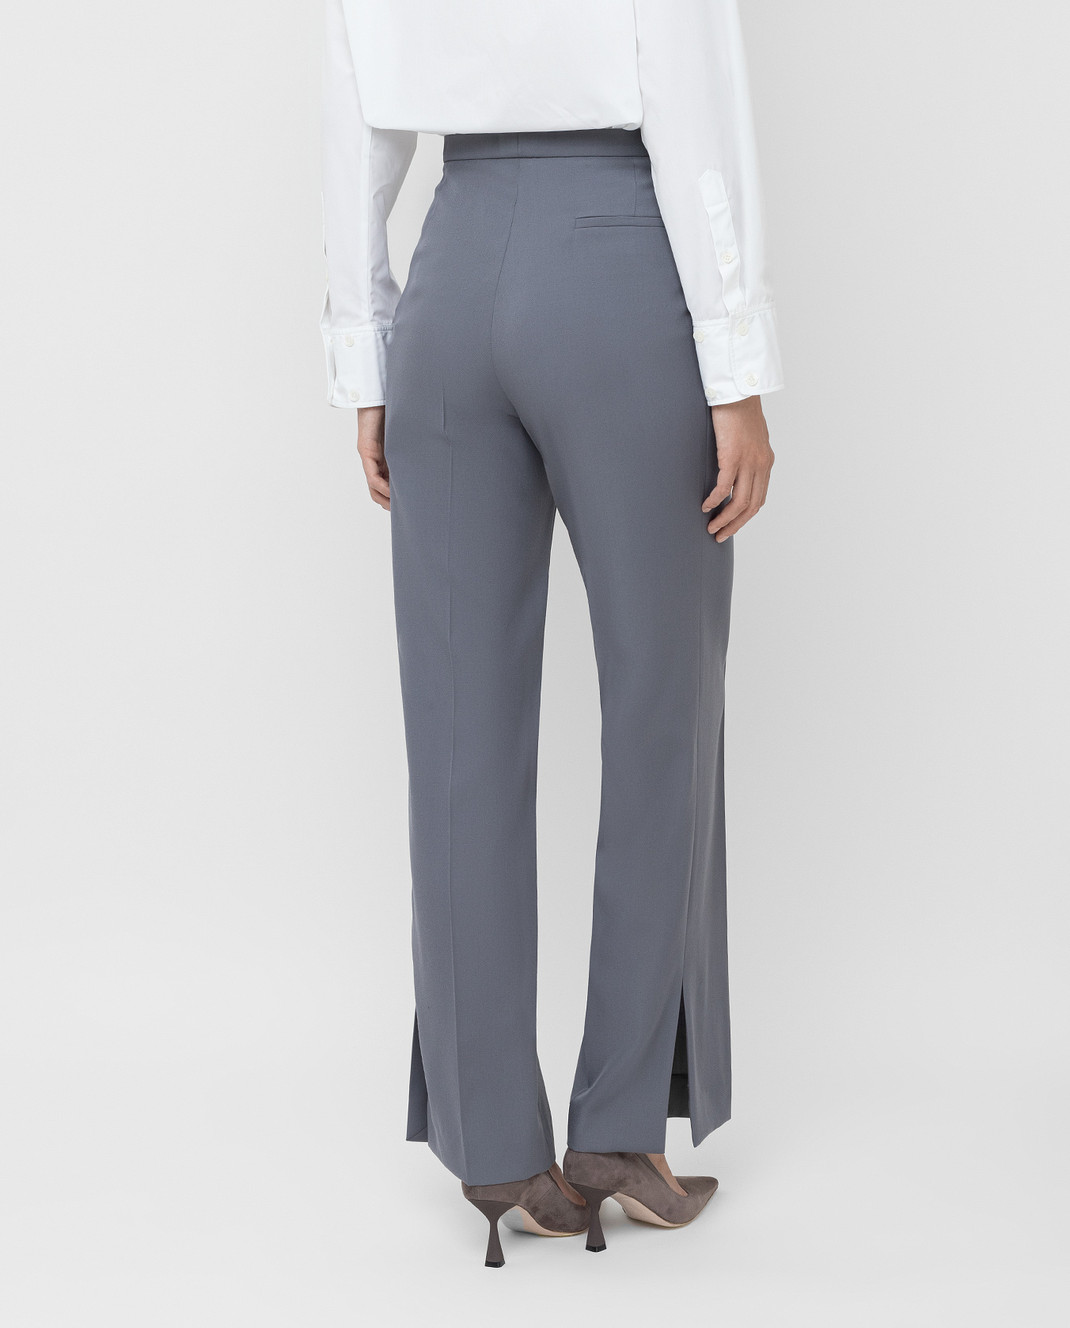 NINA RICCI Серые брюки из шерсти изображение 4